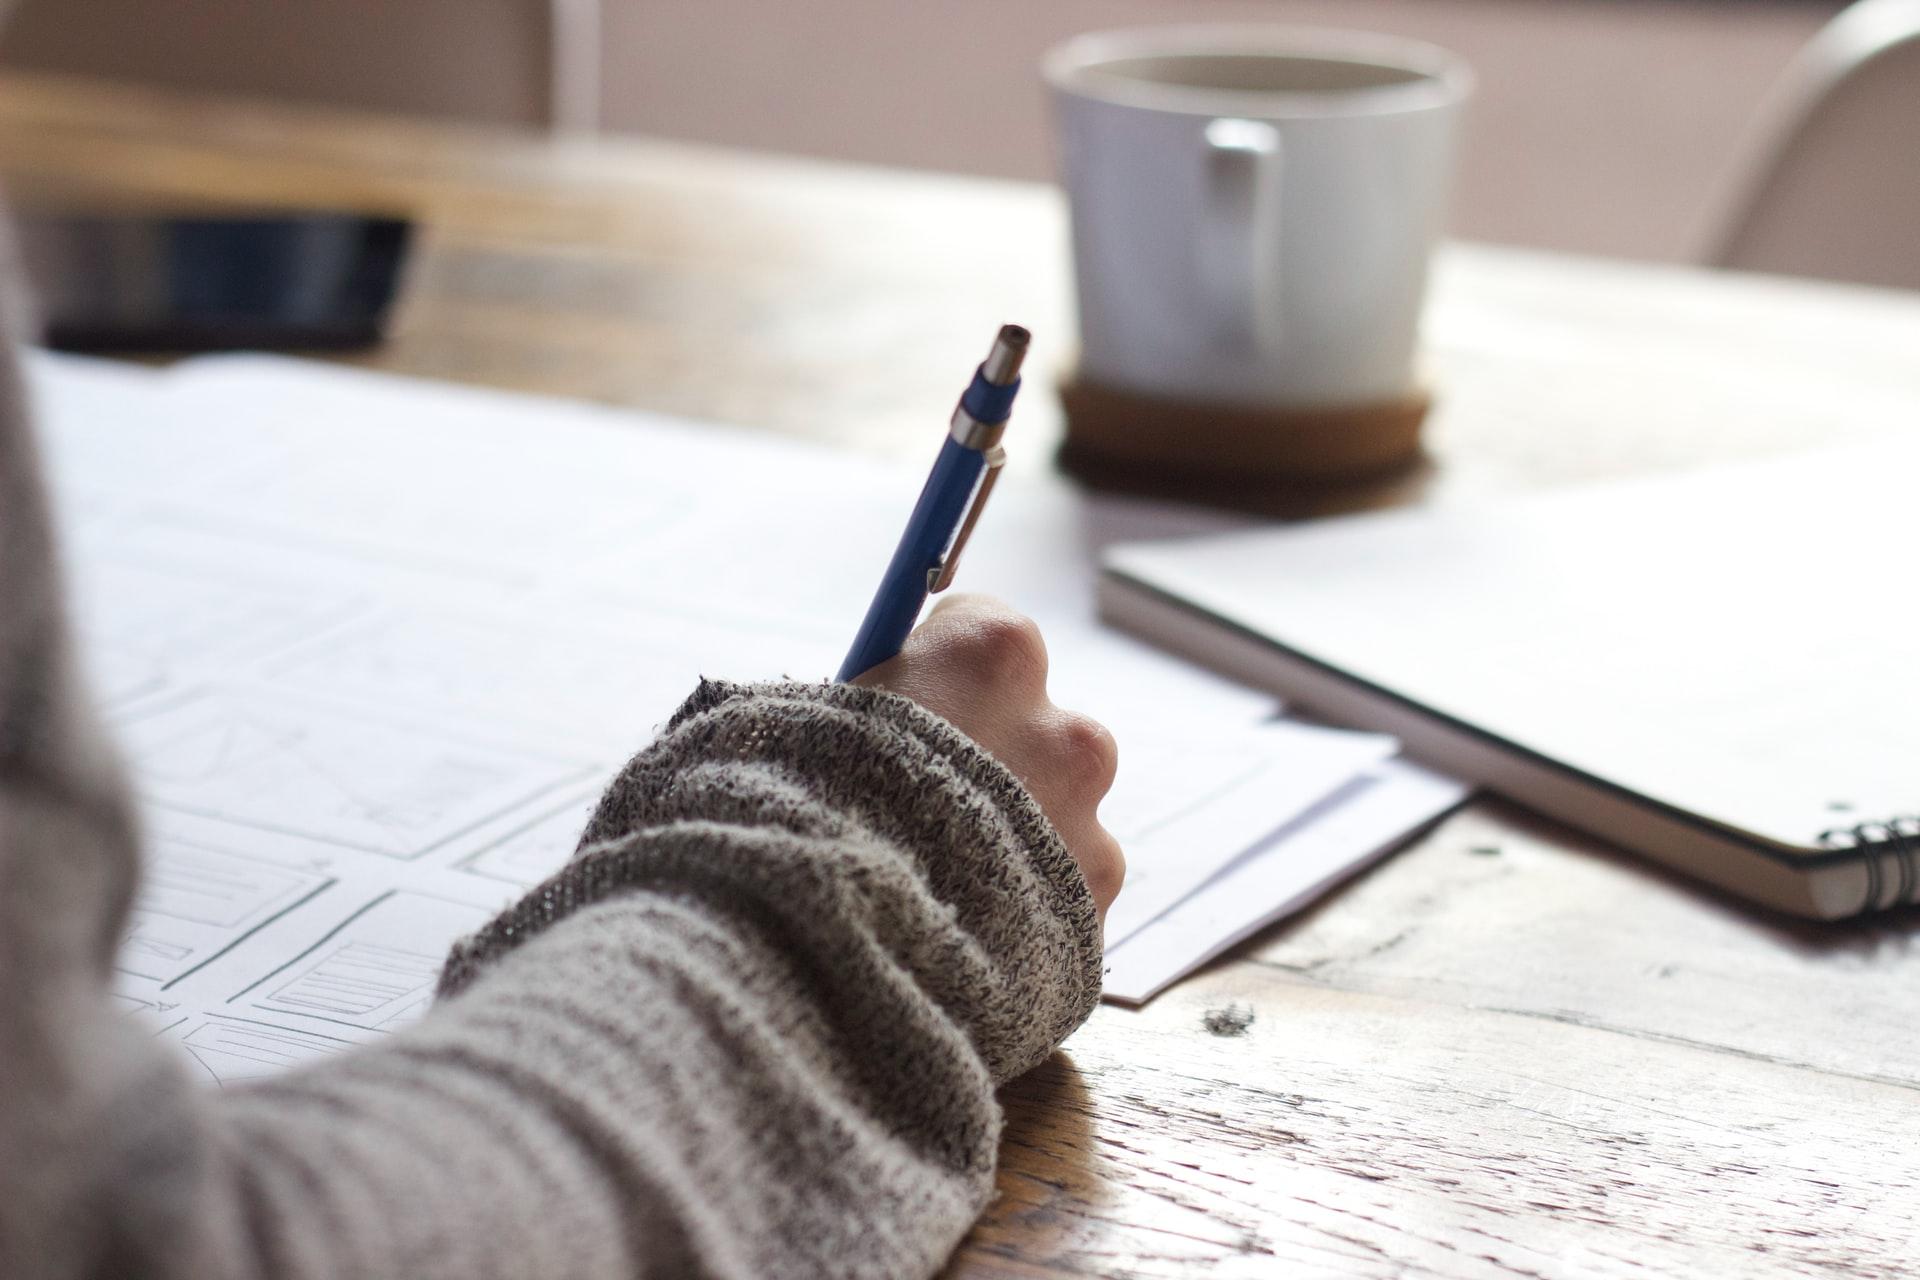 Eine Person sitzt an einem Tisch und schreibt auf Papier.